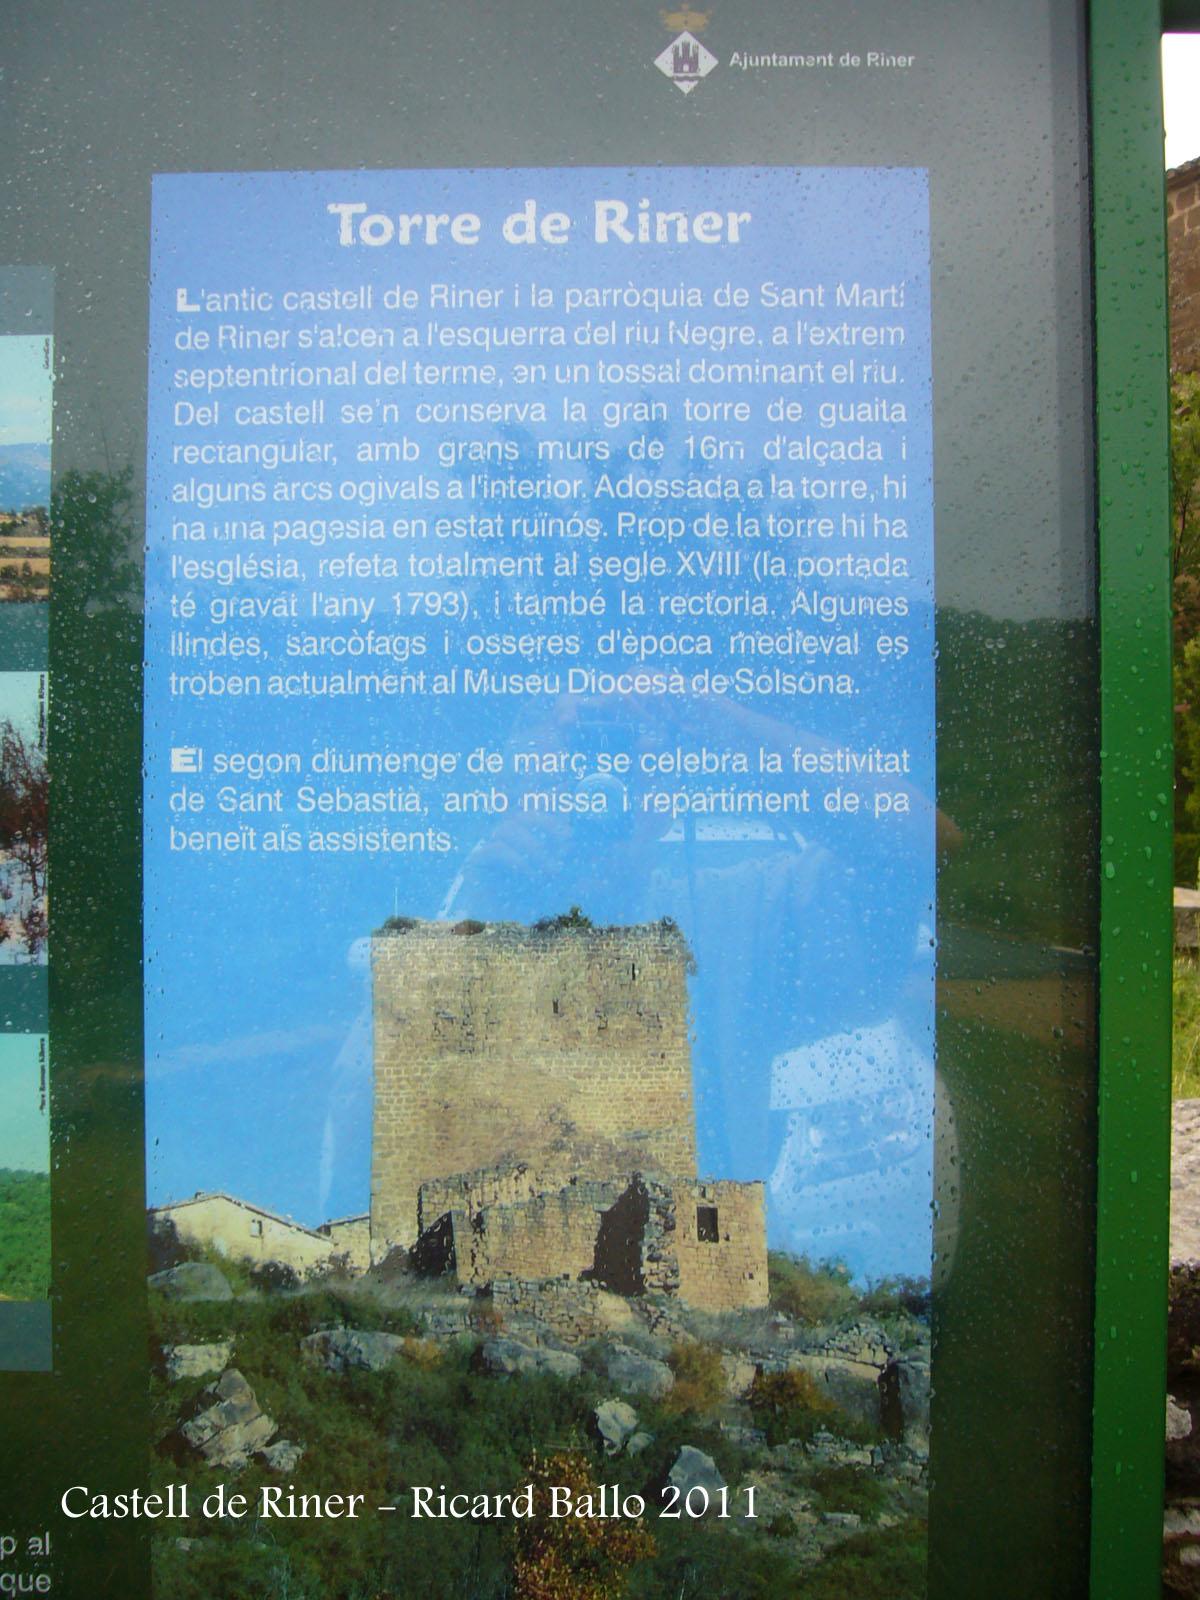 torre-de-riner-110604_502_1